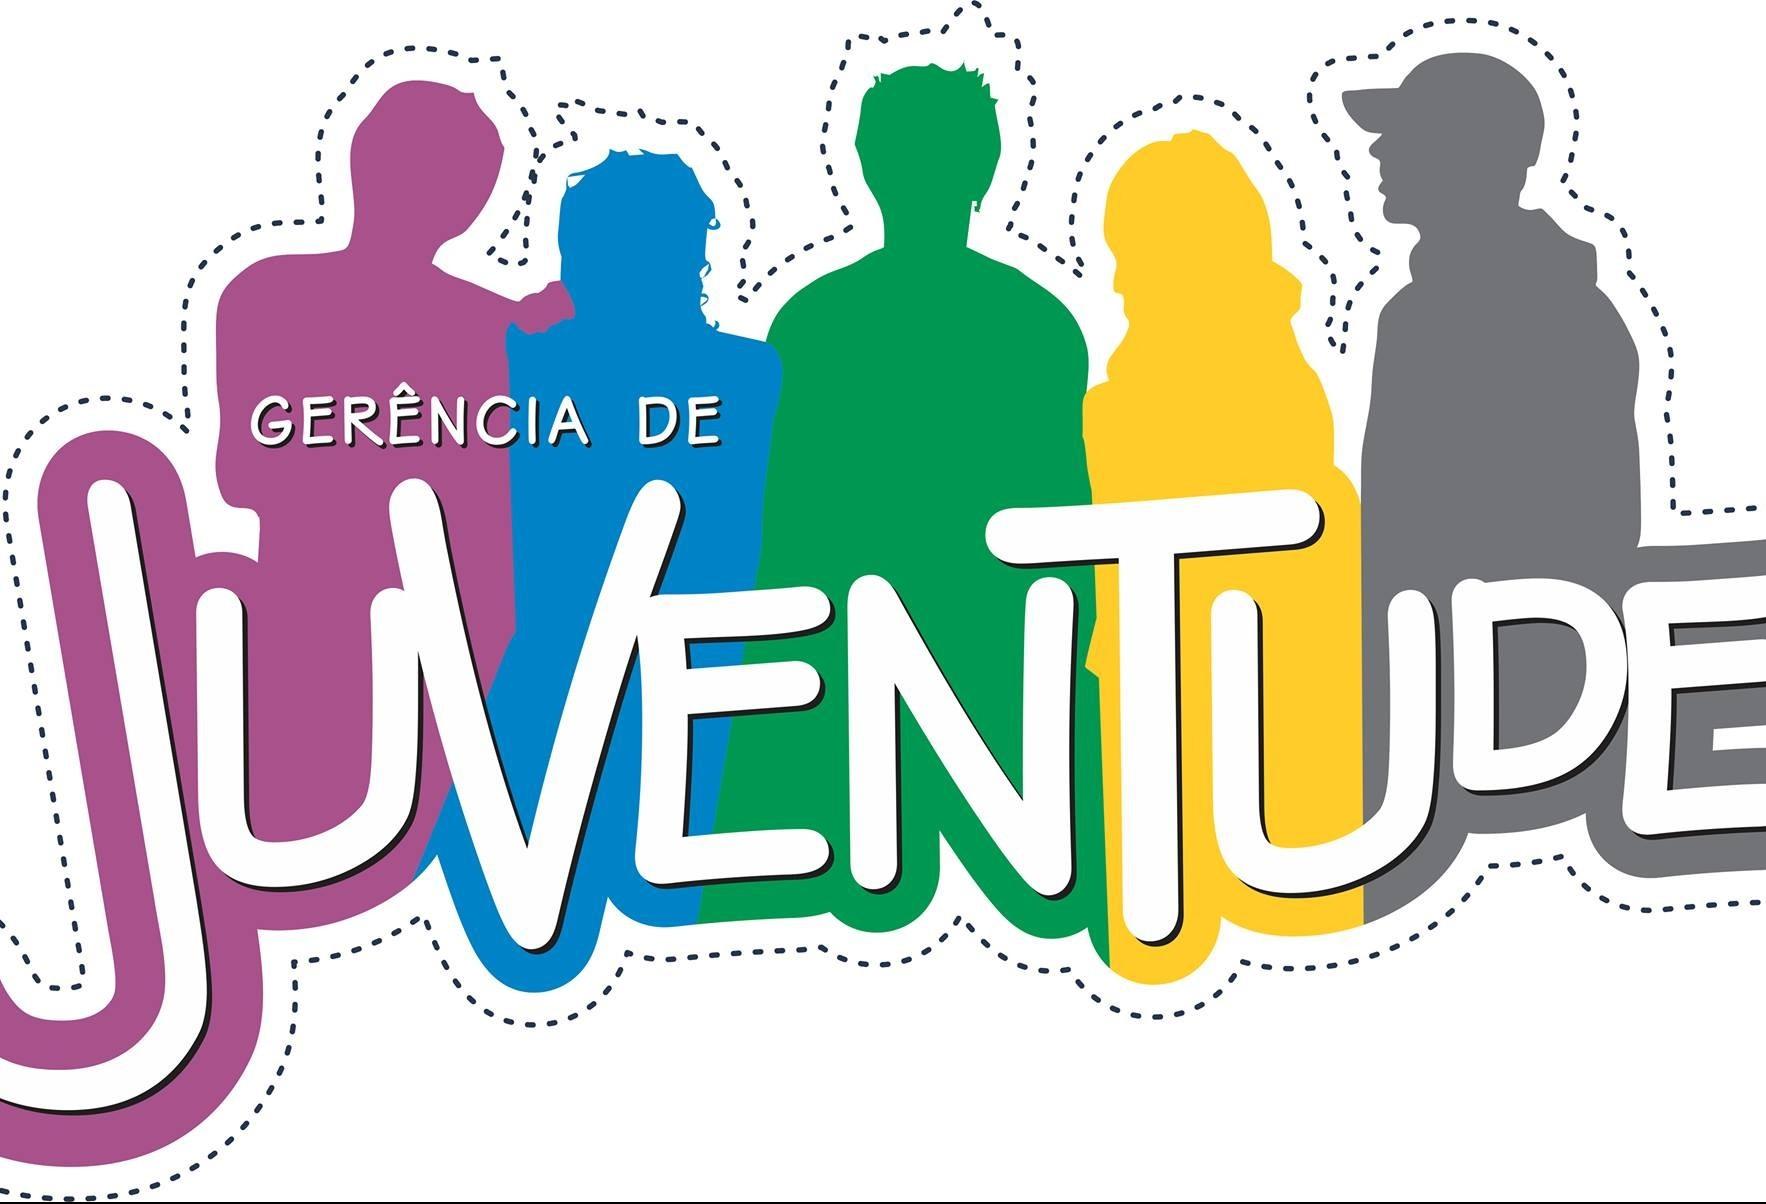 Eleição para Conselho Municipal da Juventude  ocorre em julho